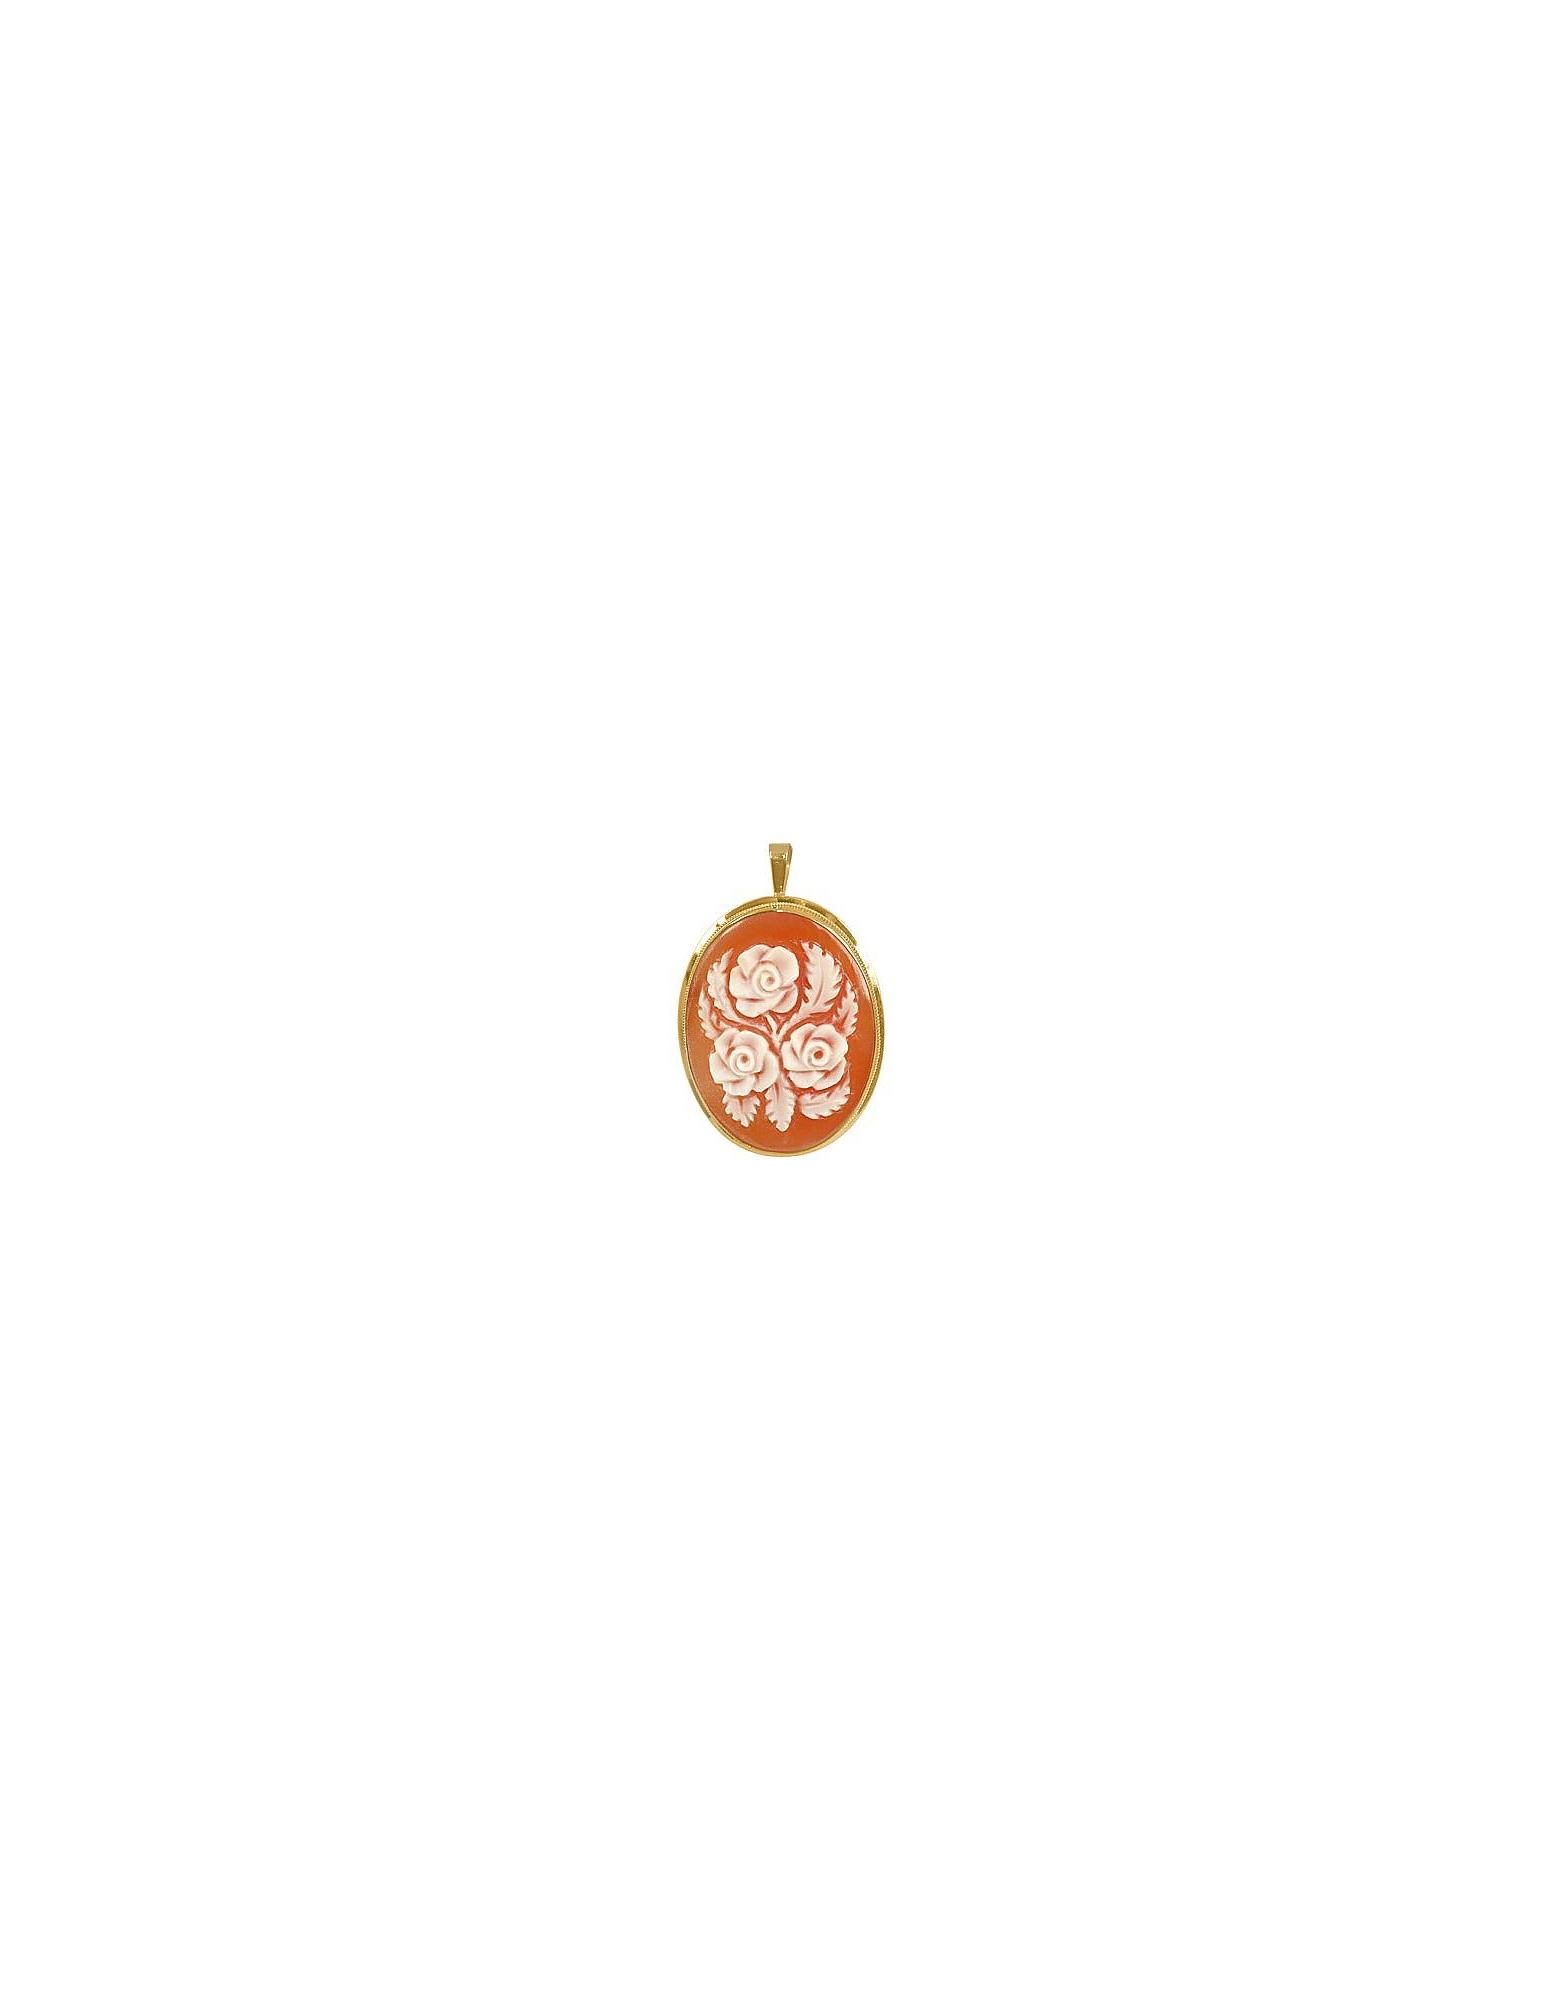 Del Gatto Designer Necklaces, Roses Cornelian Cameo Pendant / Pin